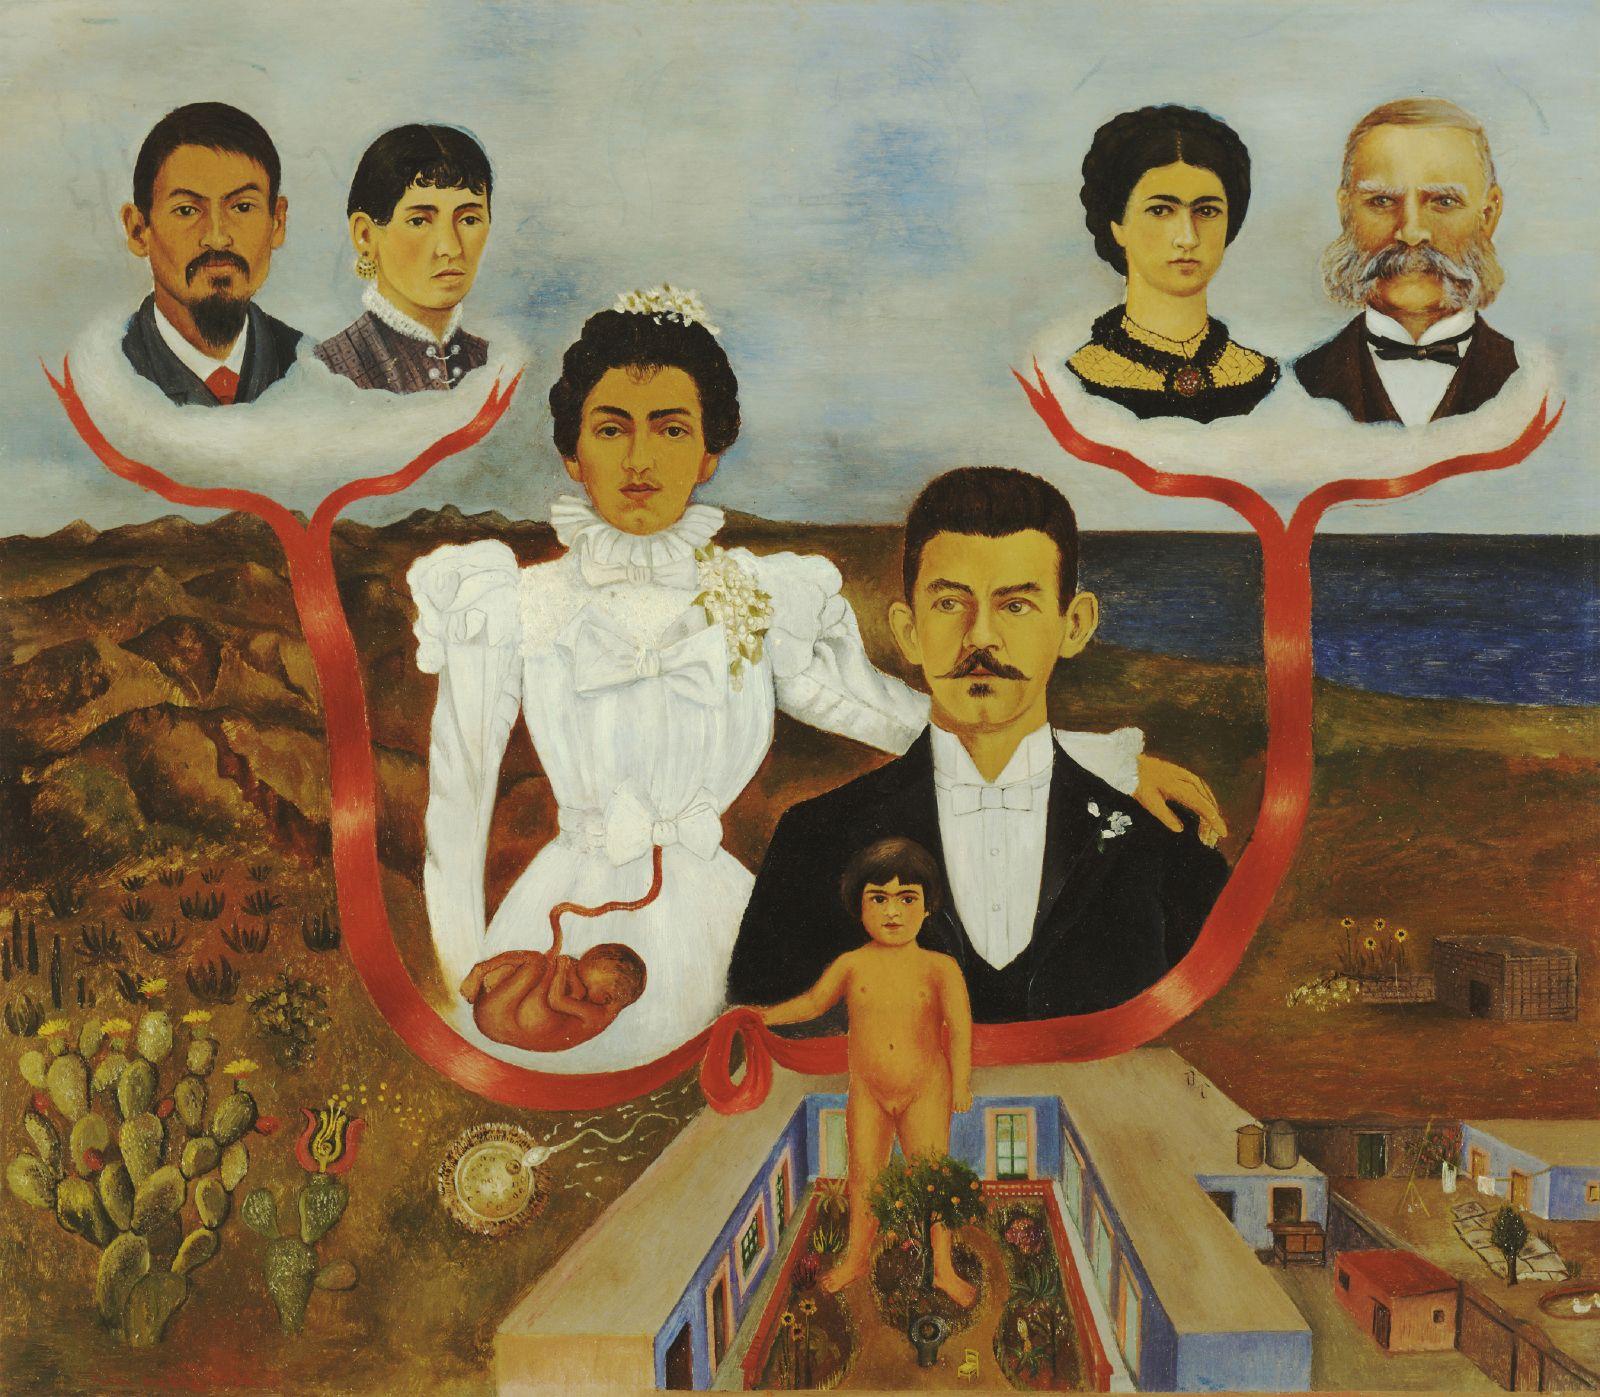 Mis abuelos, mis padres y yo (1936) Frida Kahlo